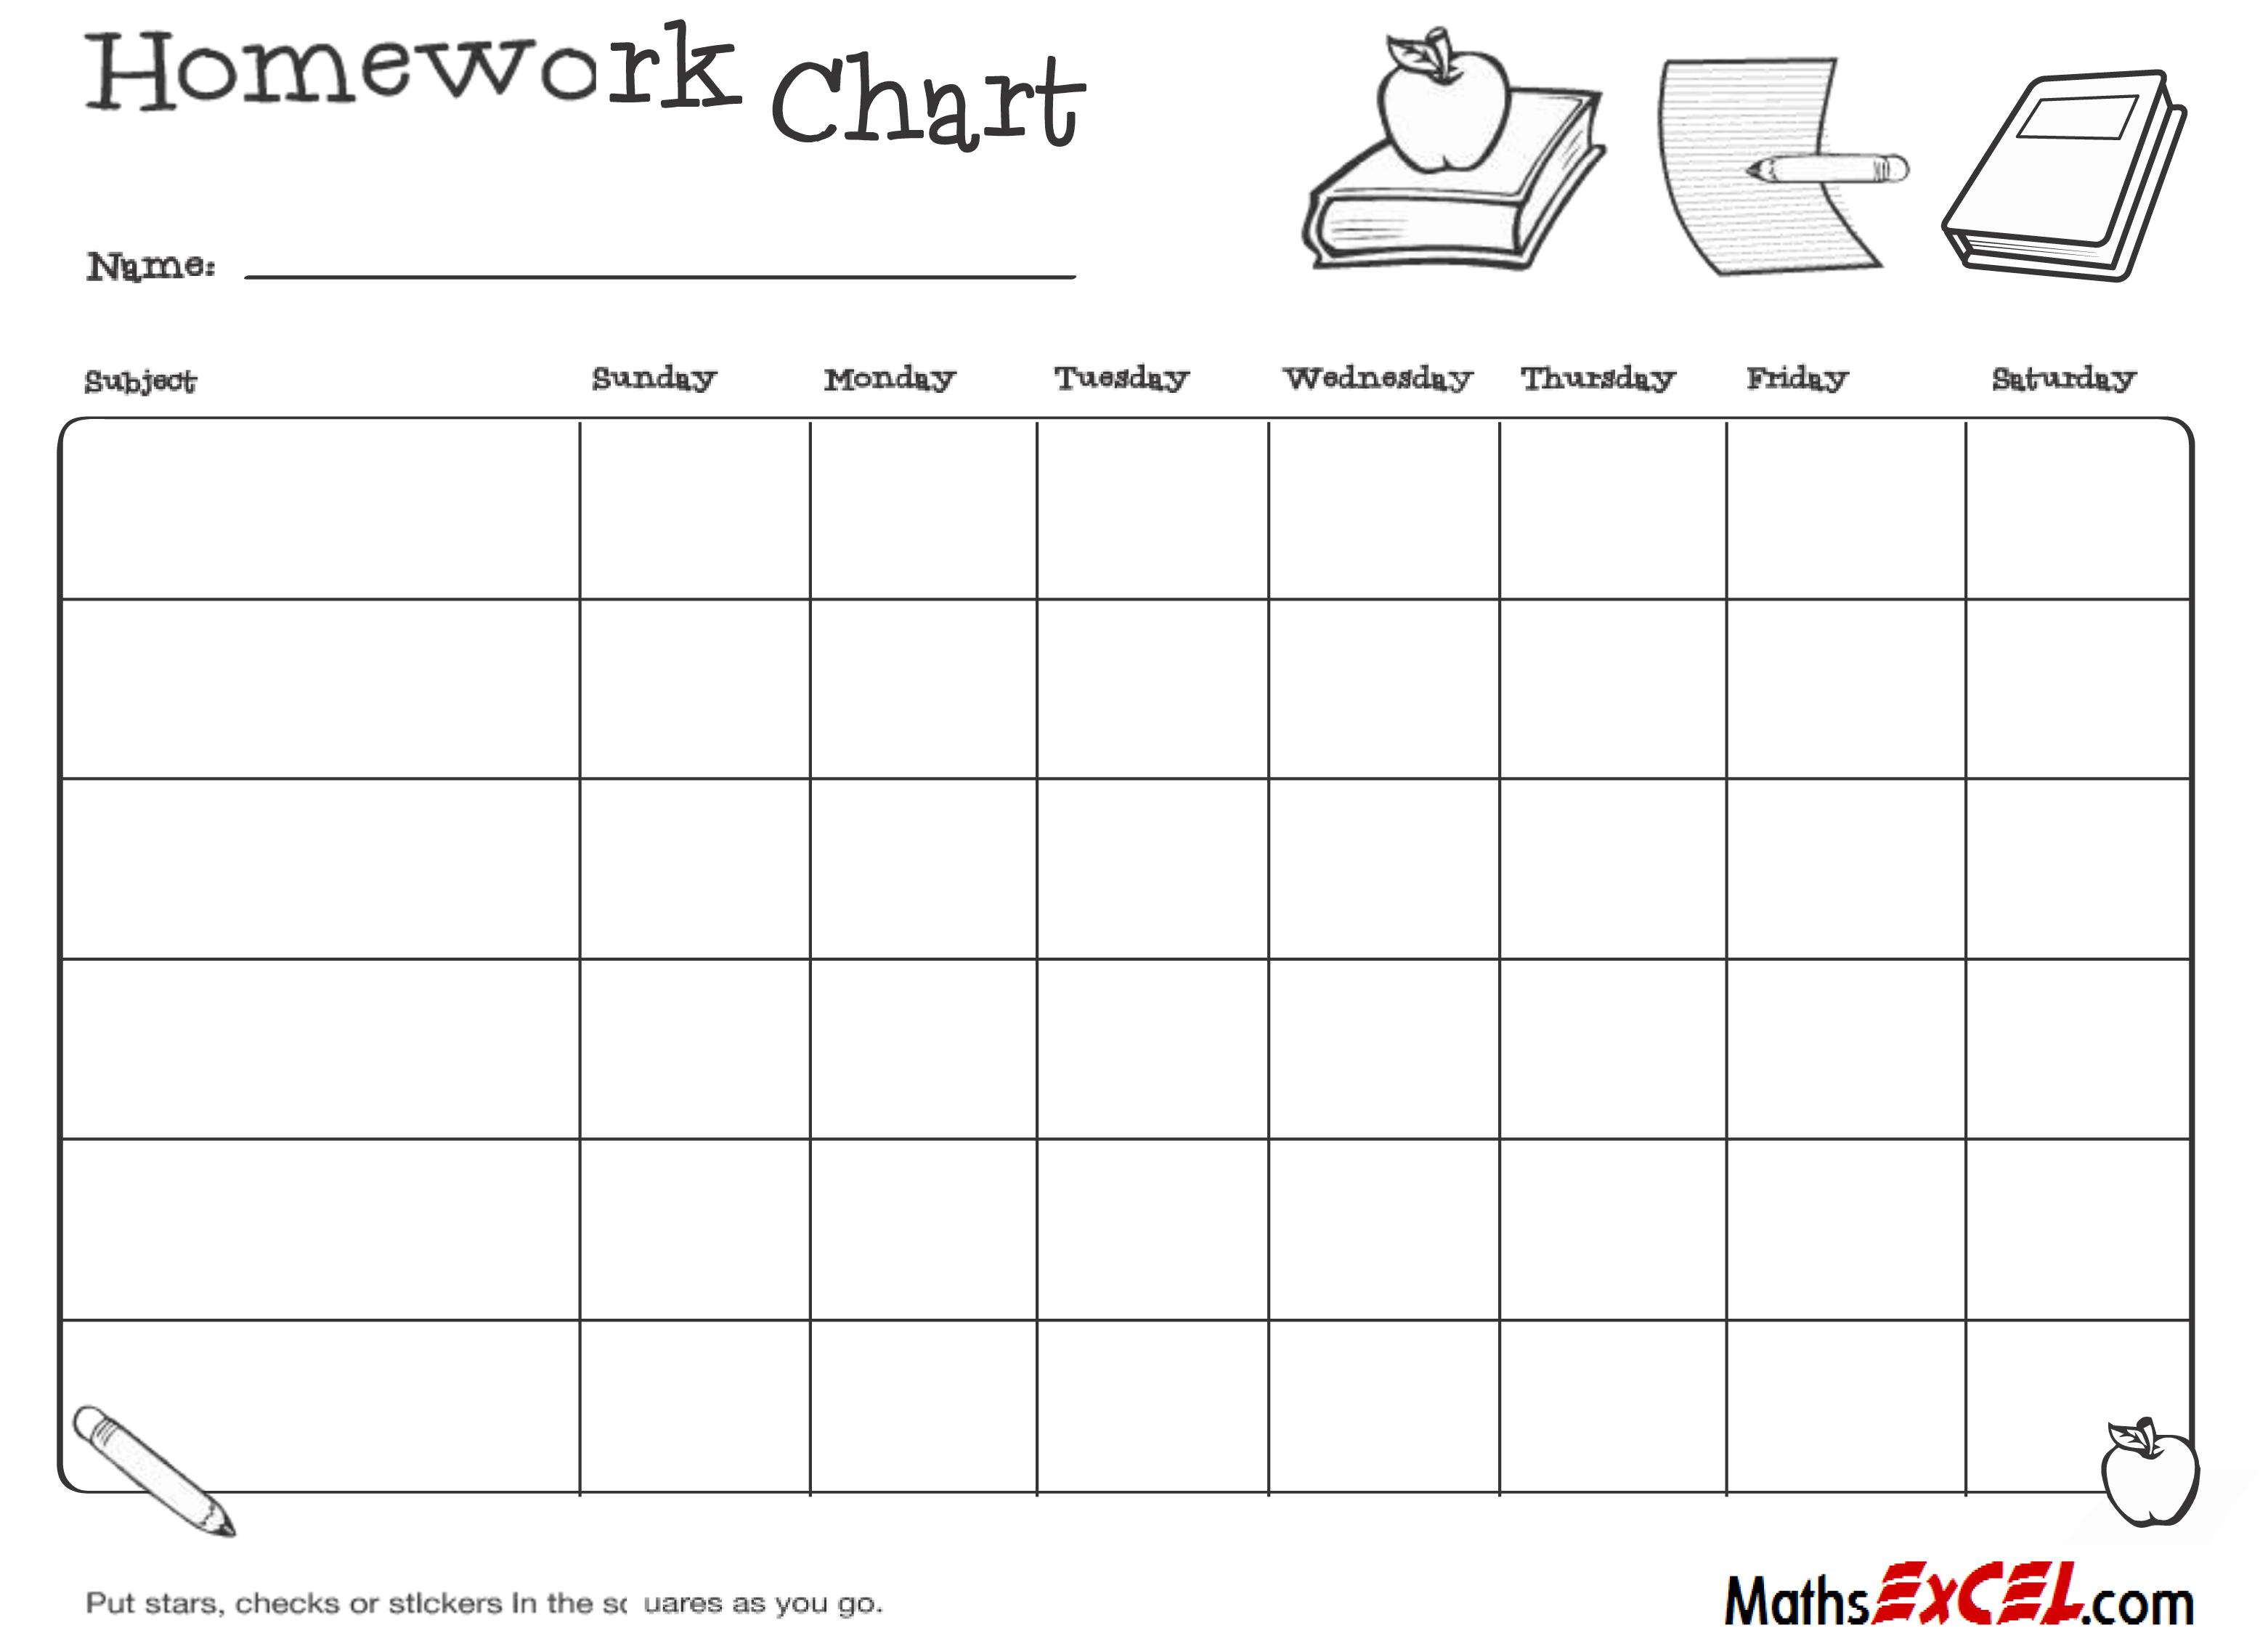 Homework chart weekly